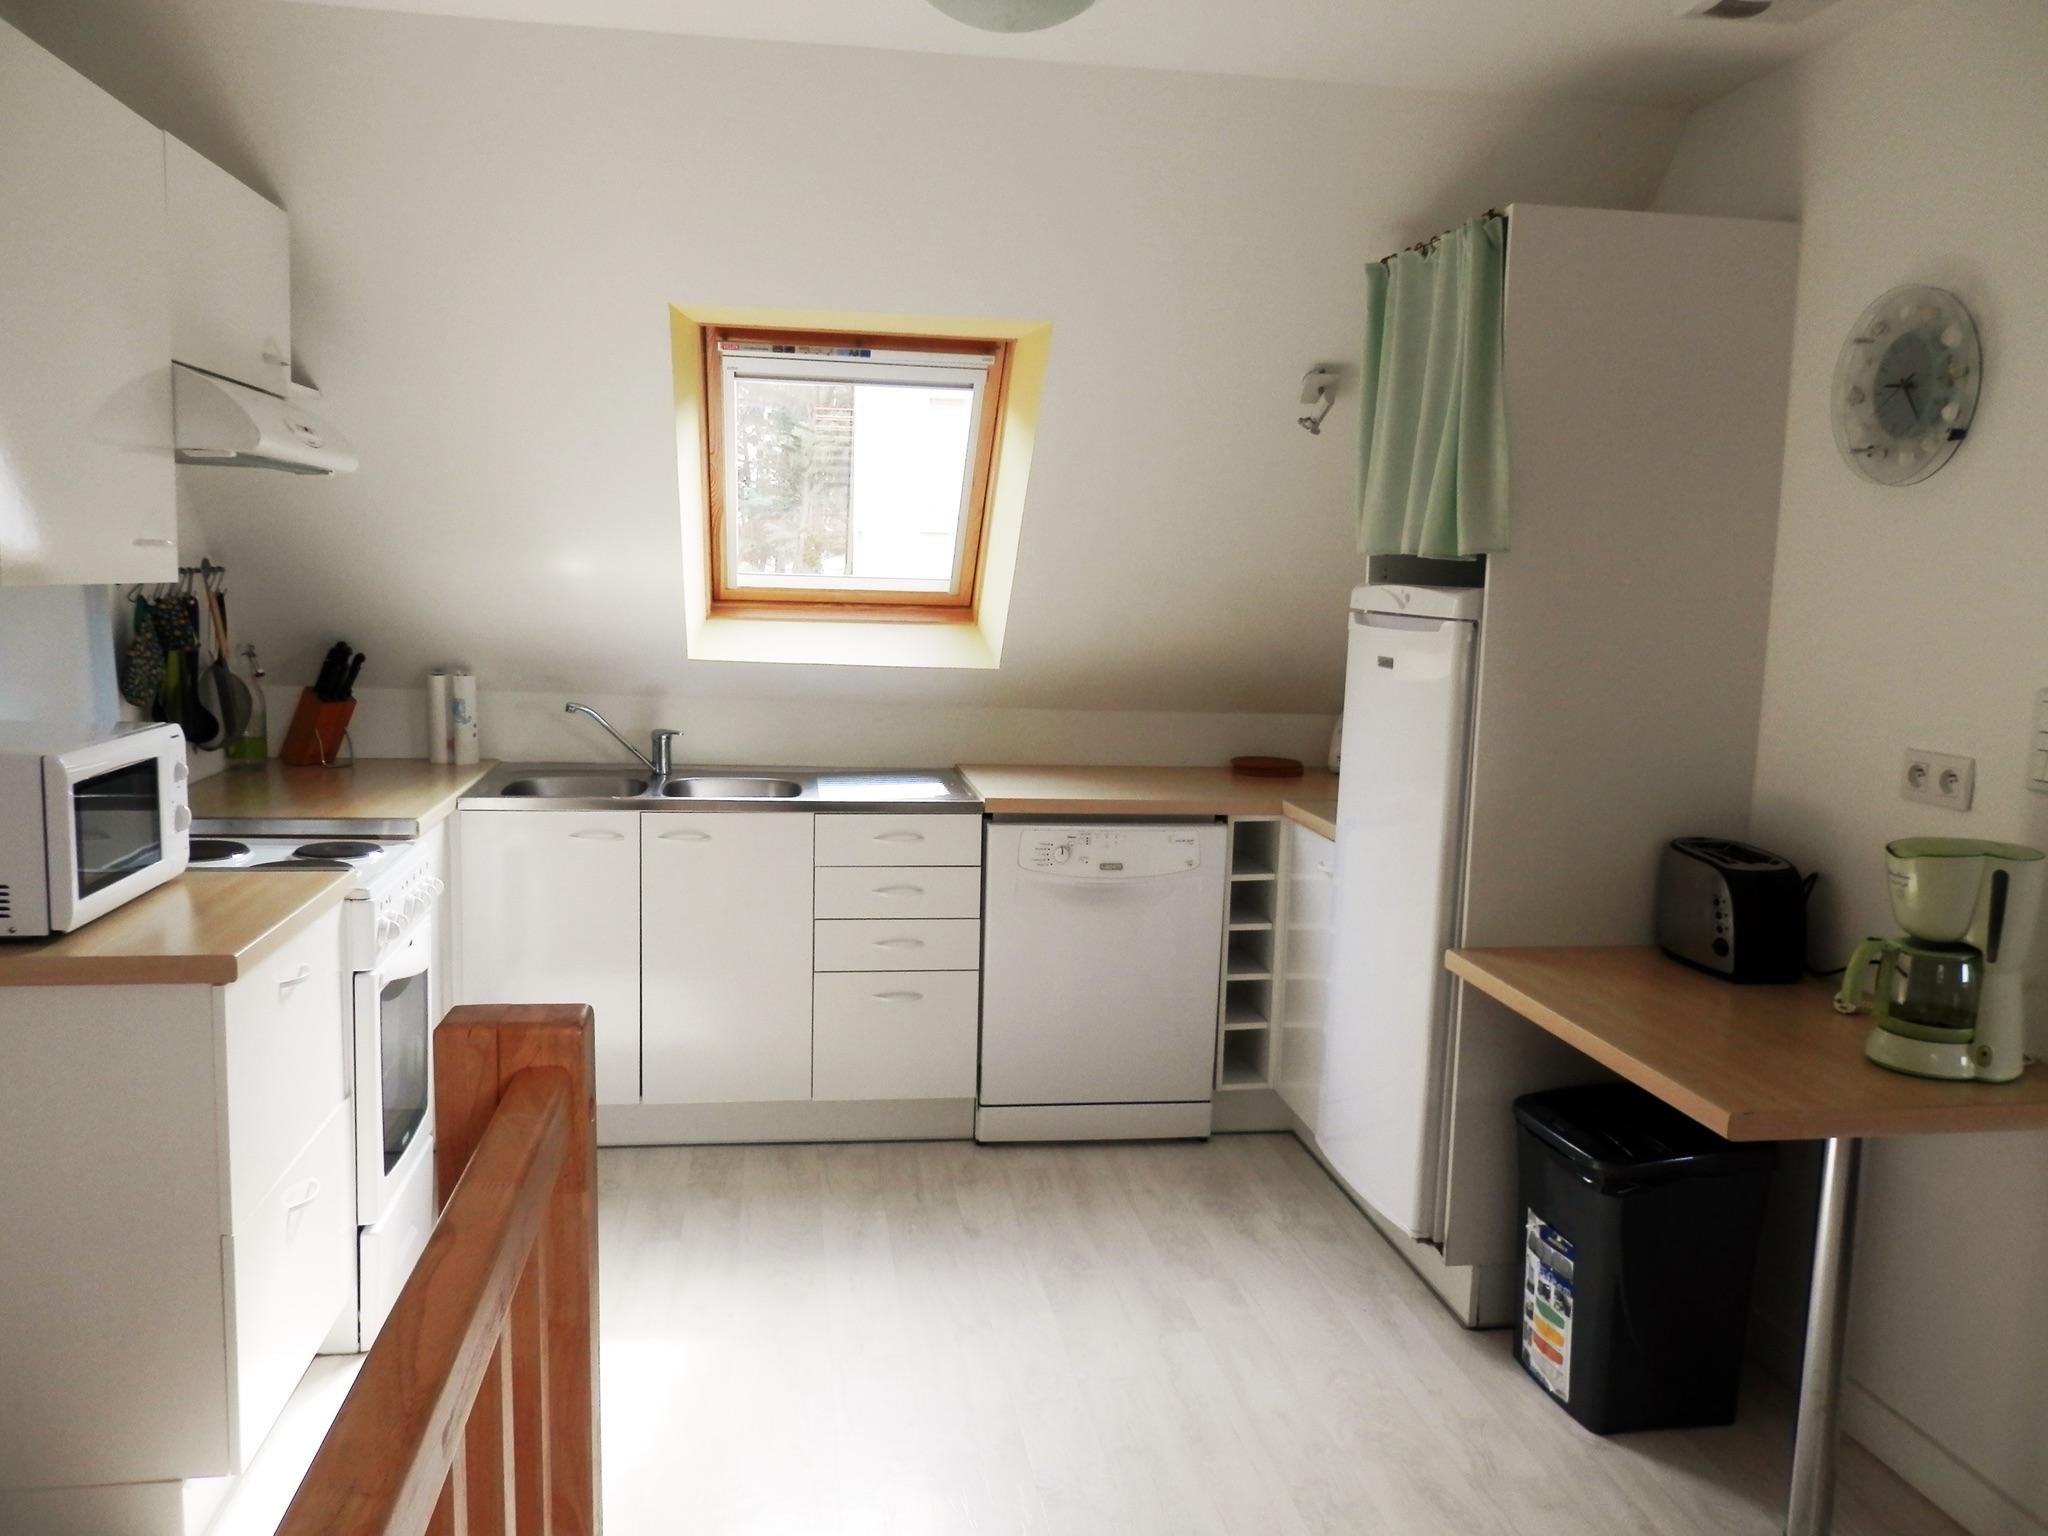 Holiday apartment Modernes wohnung in Arzon mit zwei Schlafzimmern, Terrasse und Blick auf die Stadt - für v (2201249), Arzon, Atlantic coast Morbihan, Brittany, France, picture 7